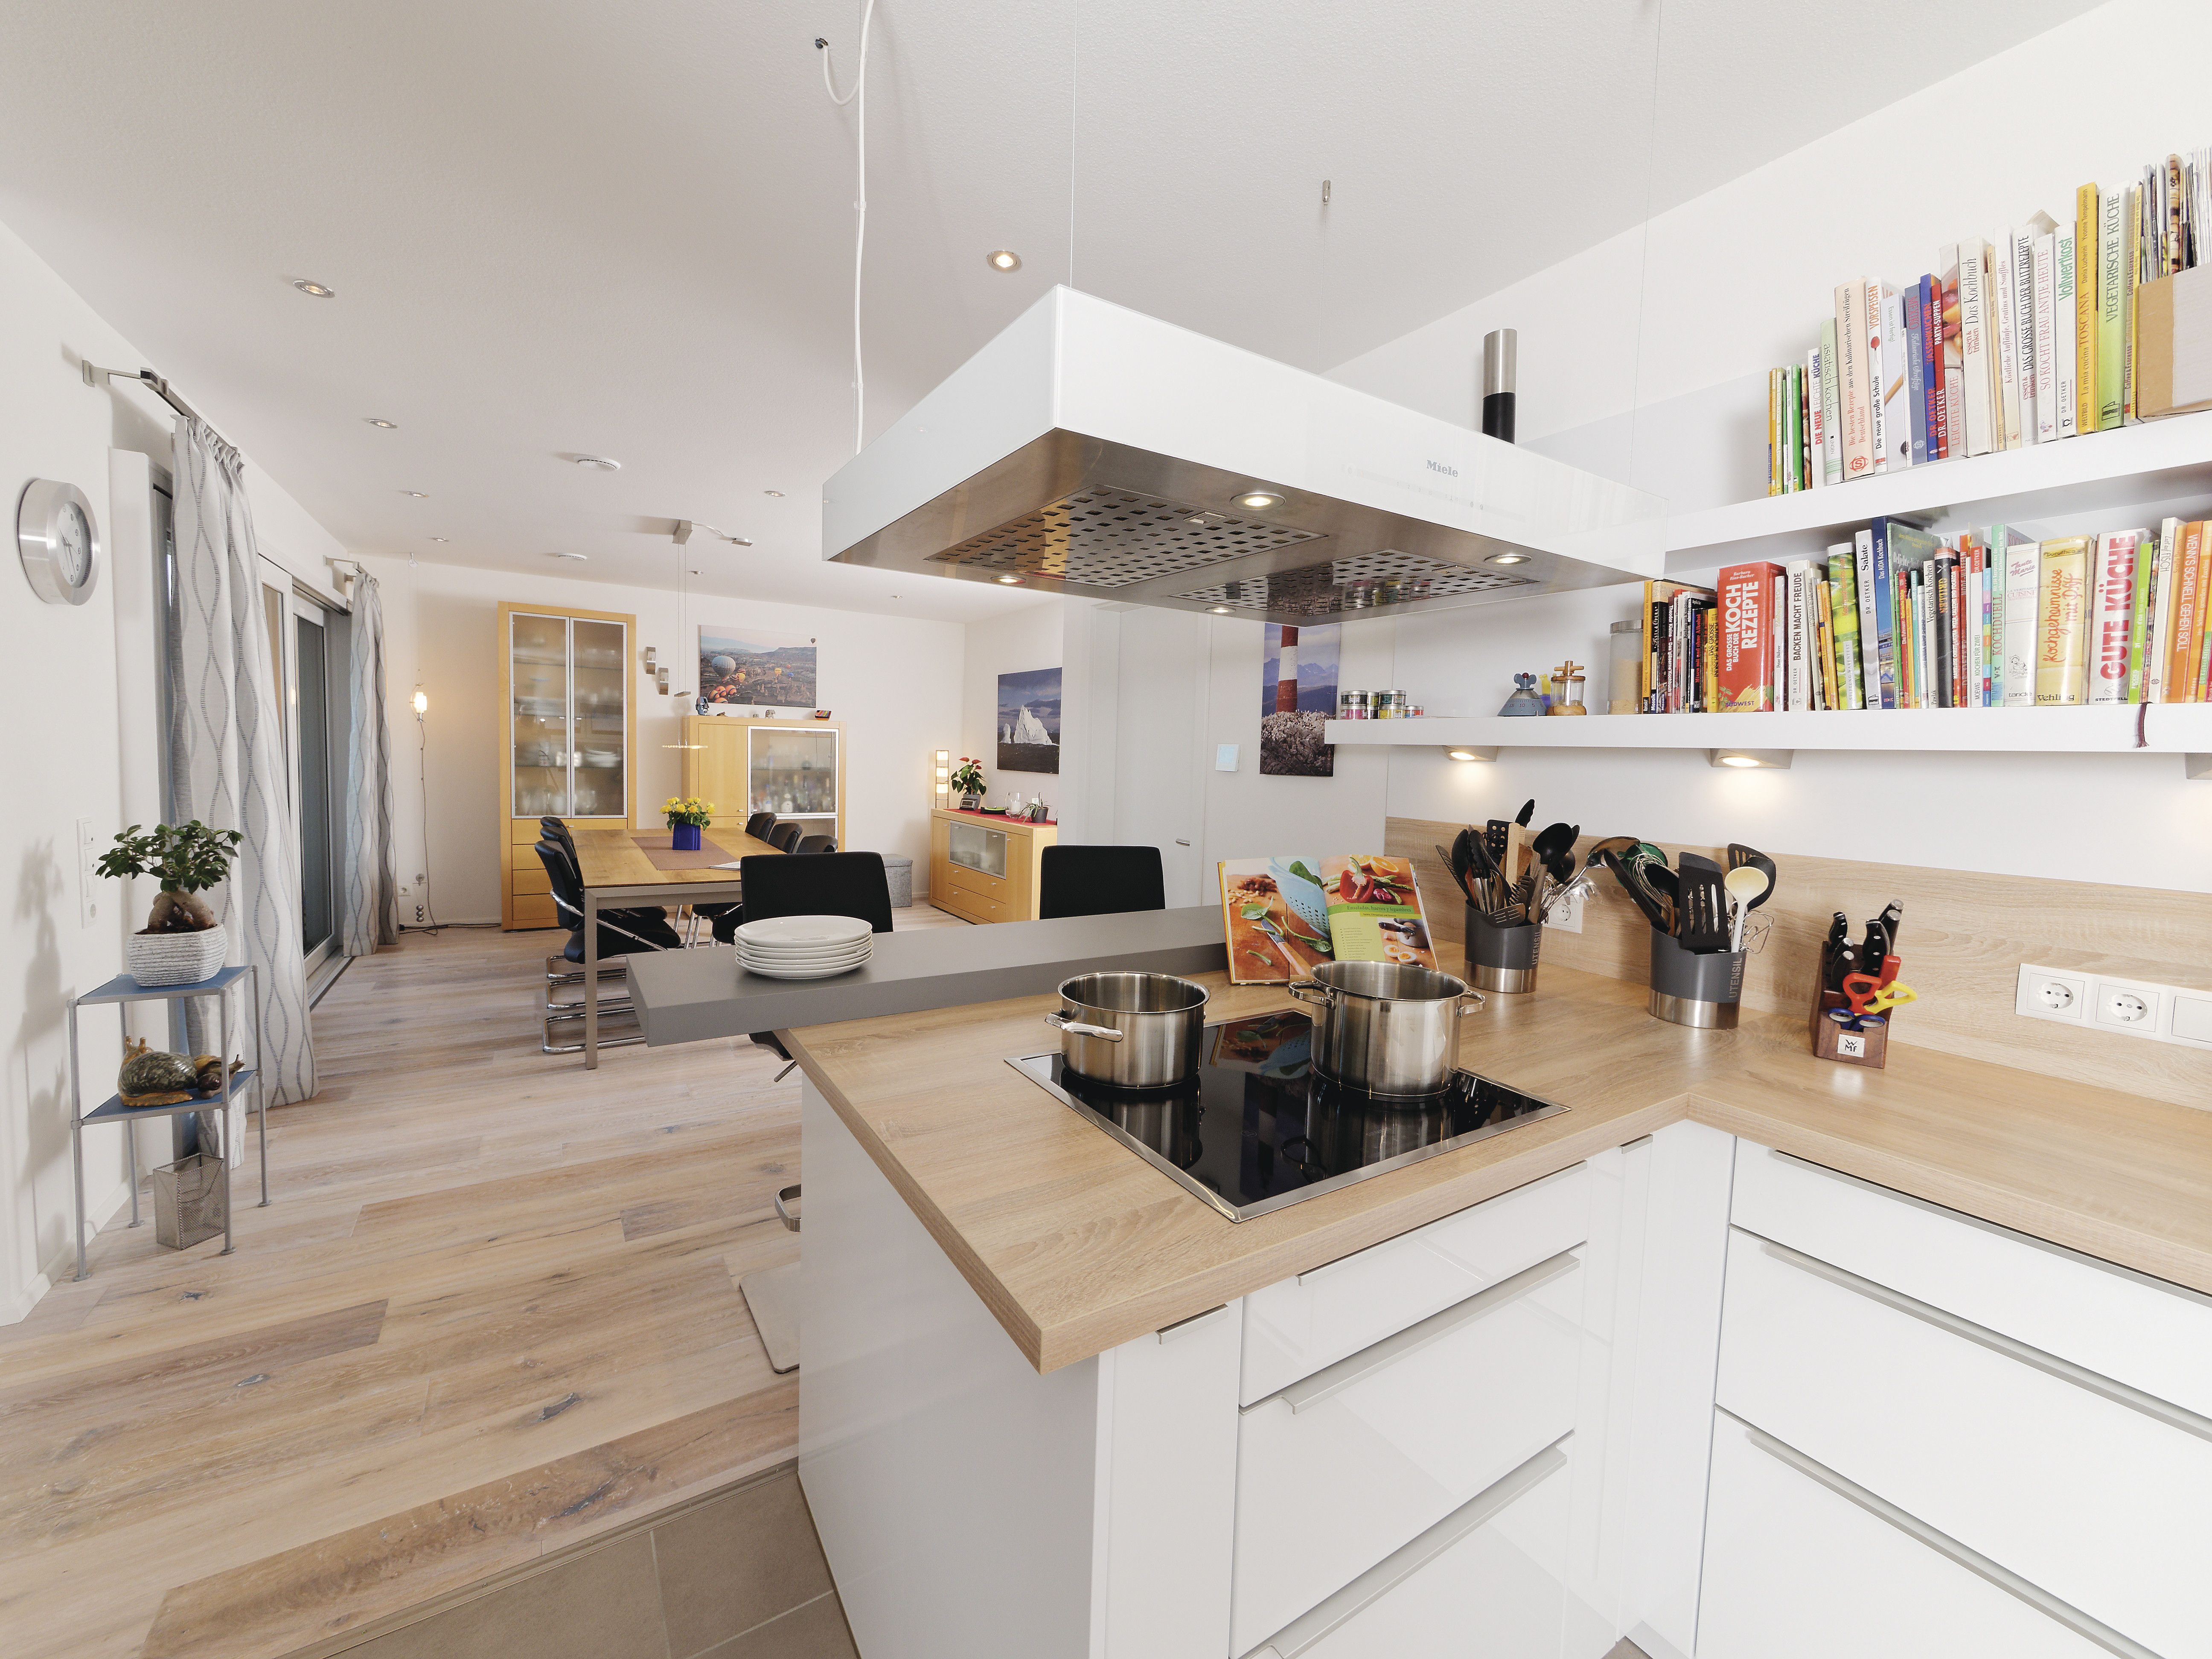 Fertighaus bauen mit Weber haus, Haus, Haus mit garage